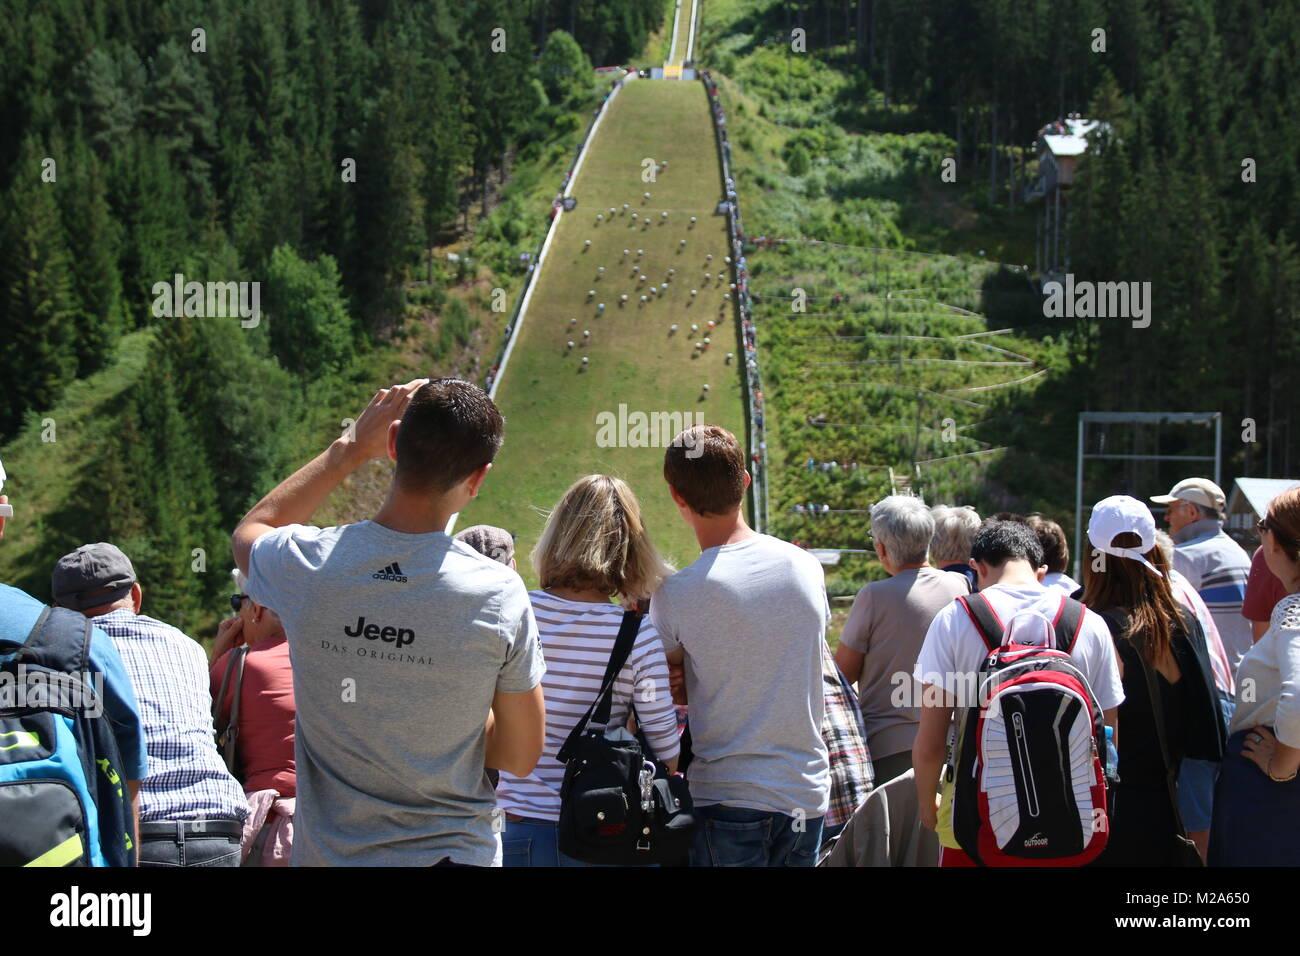 Zahlreiche Zuschauer verfolgen die Deutschland-Premiere des Schanzensprint an der großen Hochfirschanze in - Stock Image